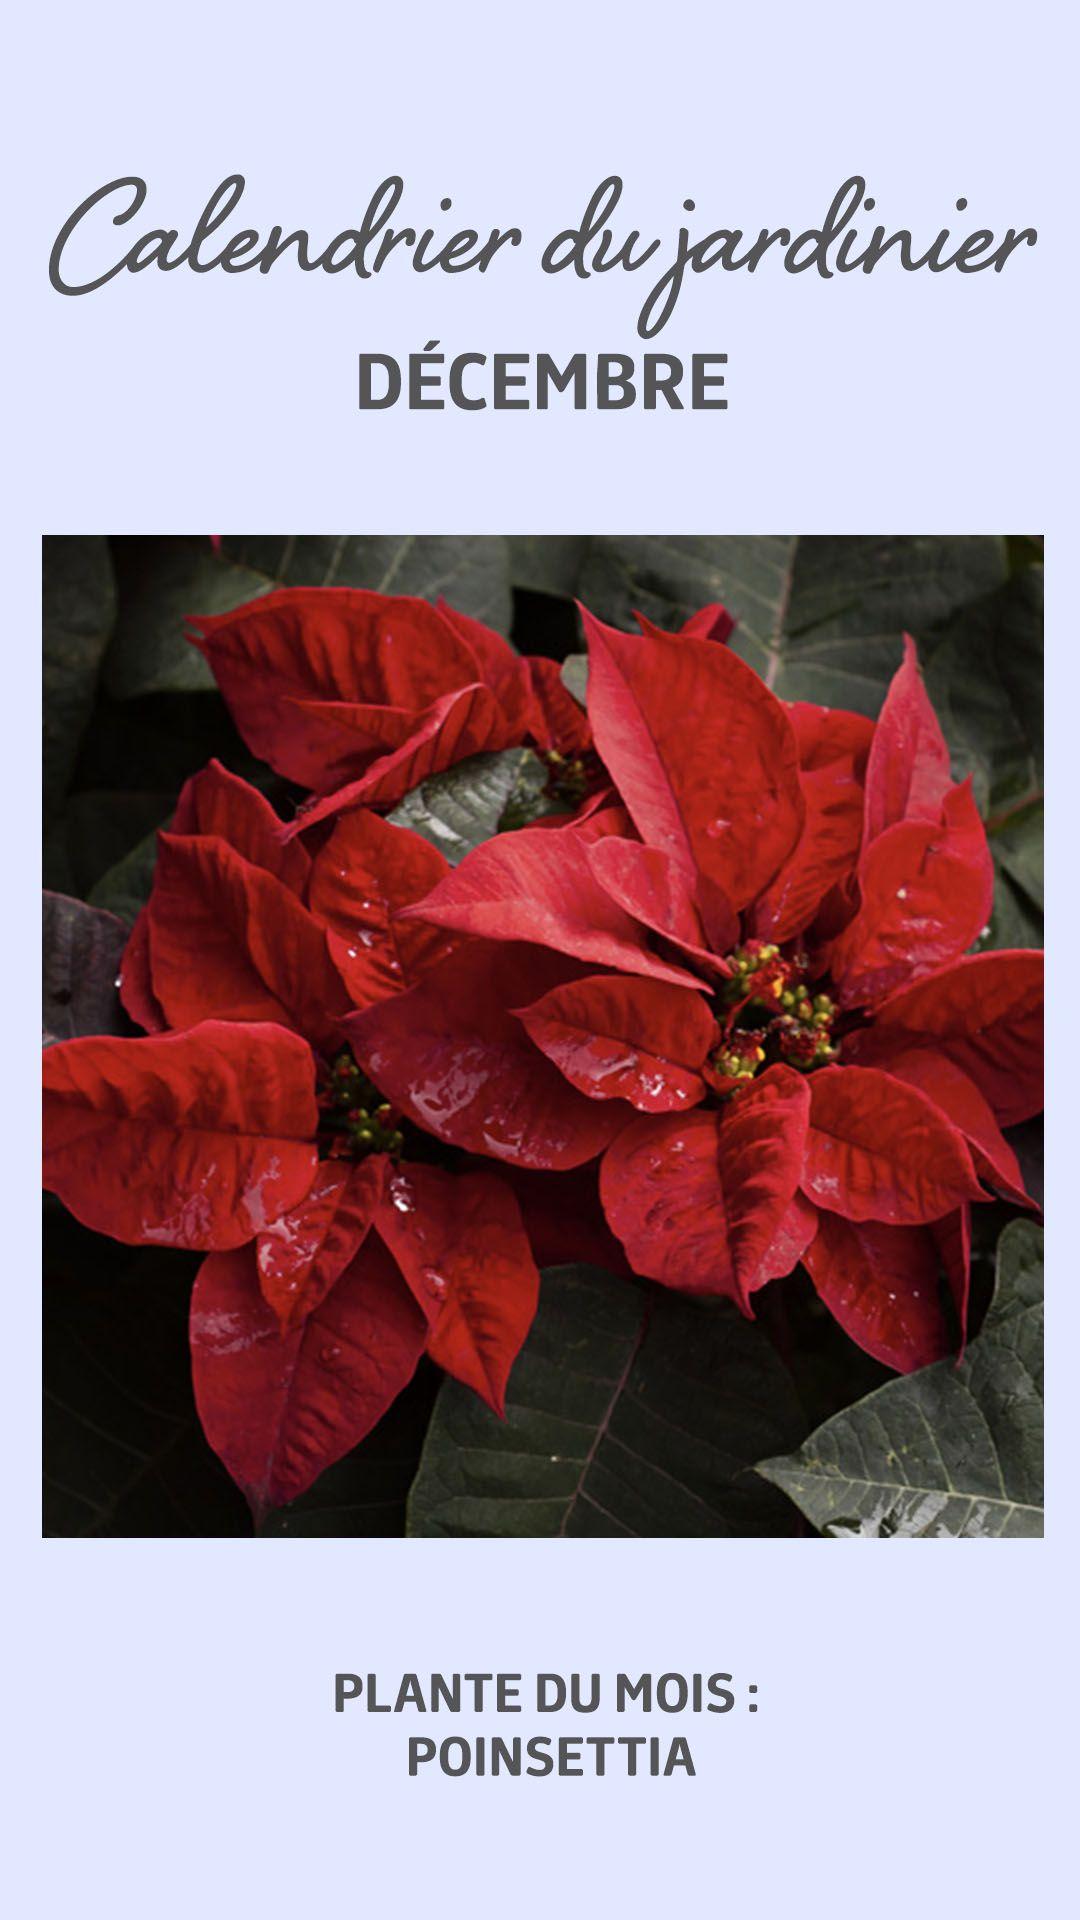 Etoile De Noel Plante Exterieur en français, on les appelle communément « Étoiles de noël